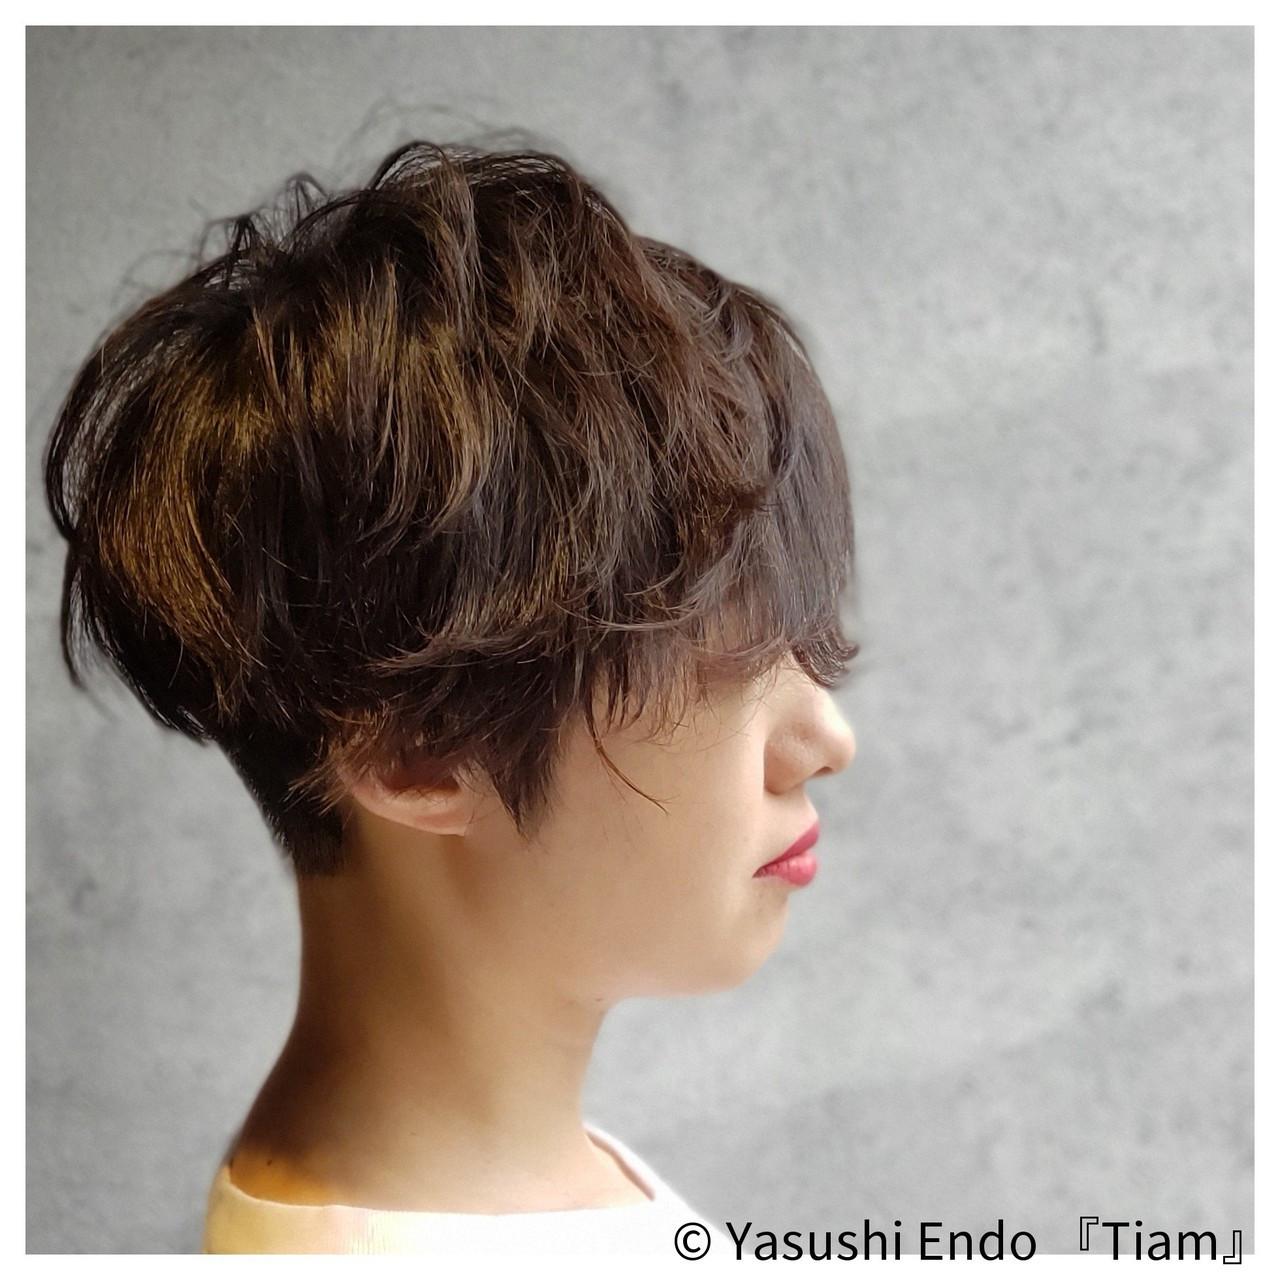 トップふんわり×襟足刈り上げのツーブロック Yasushi Endo 『Tiam』